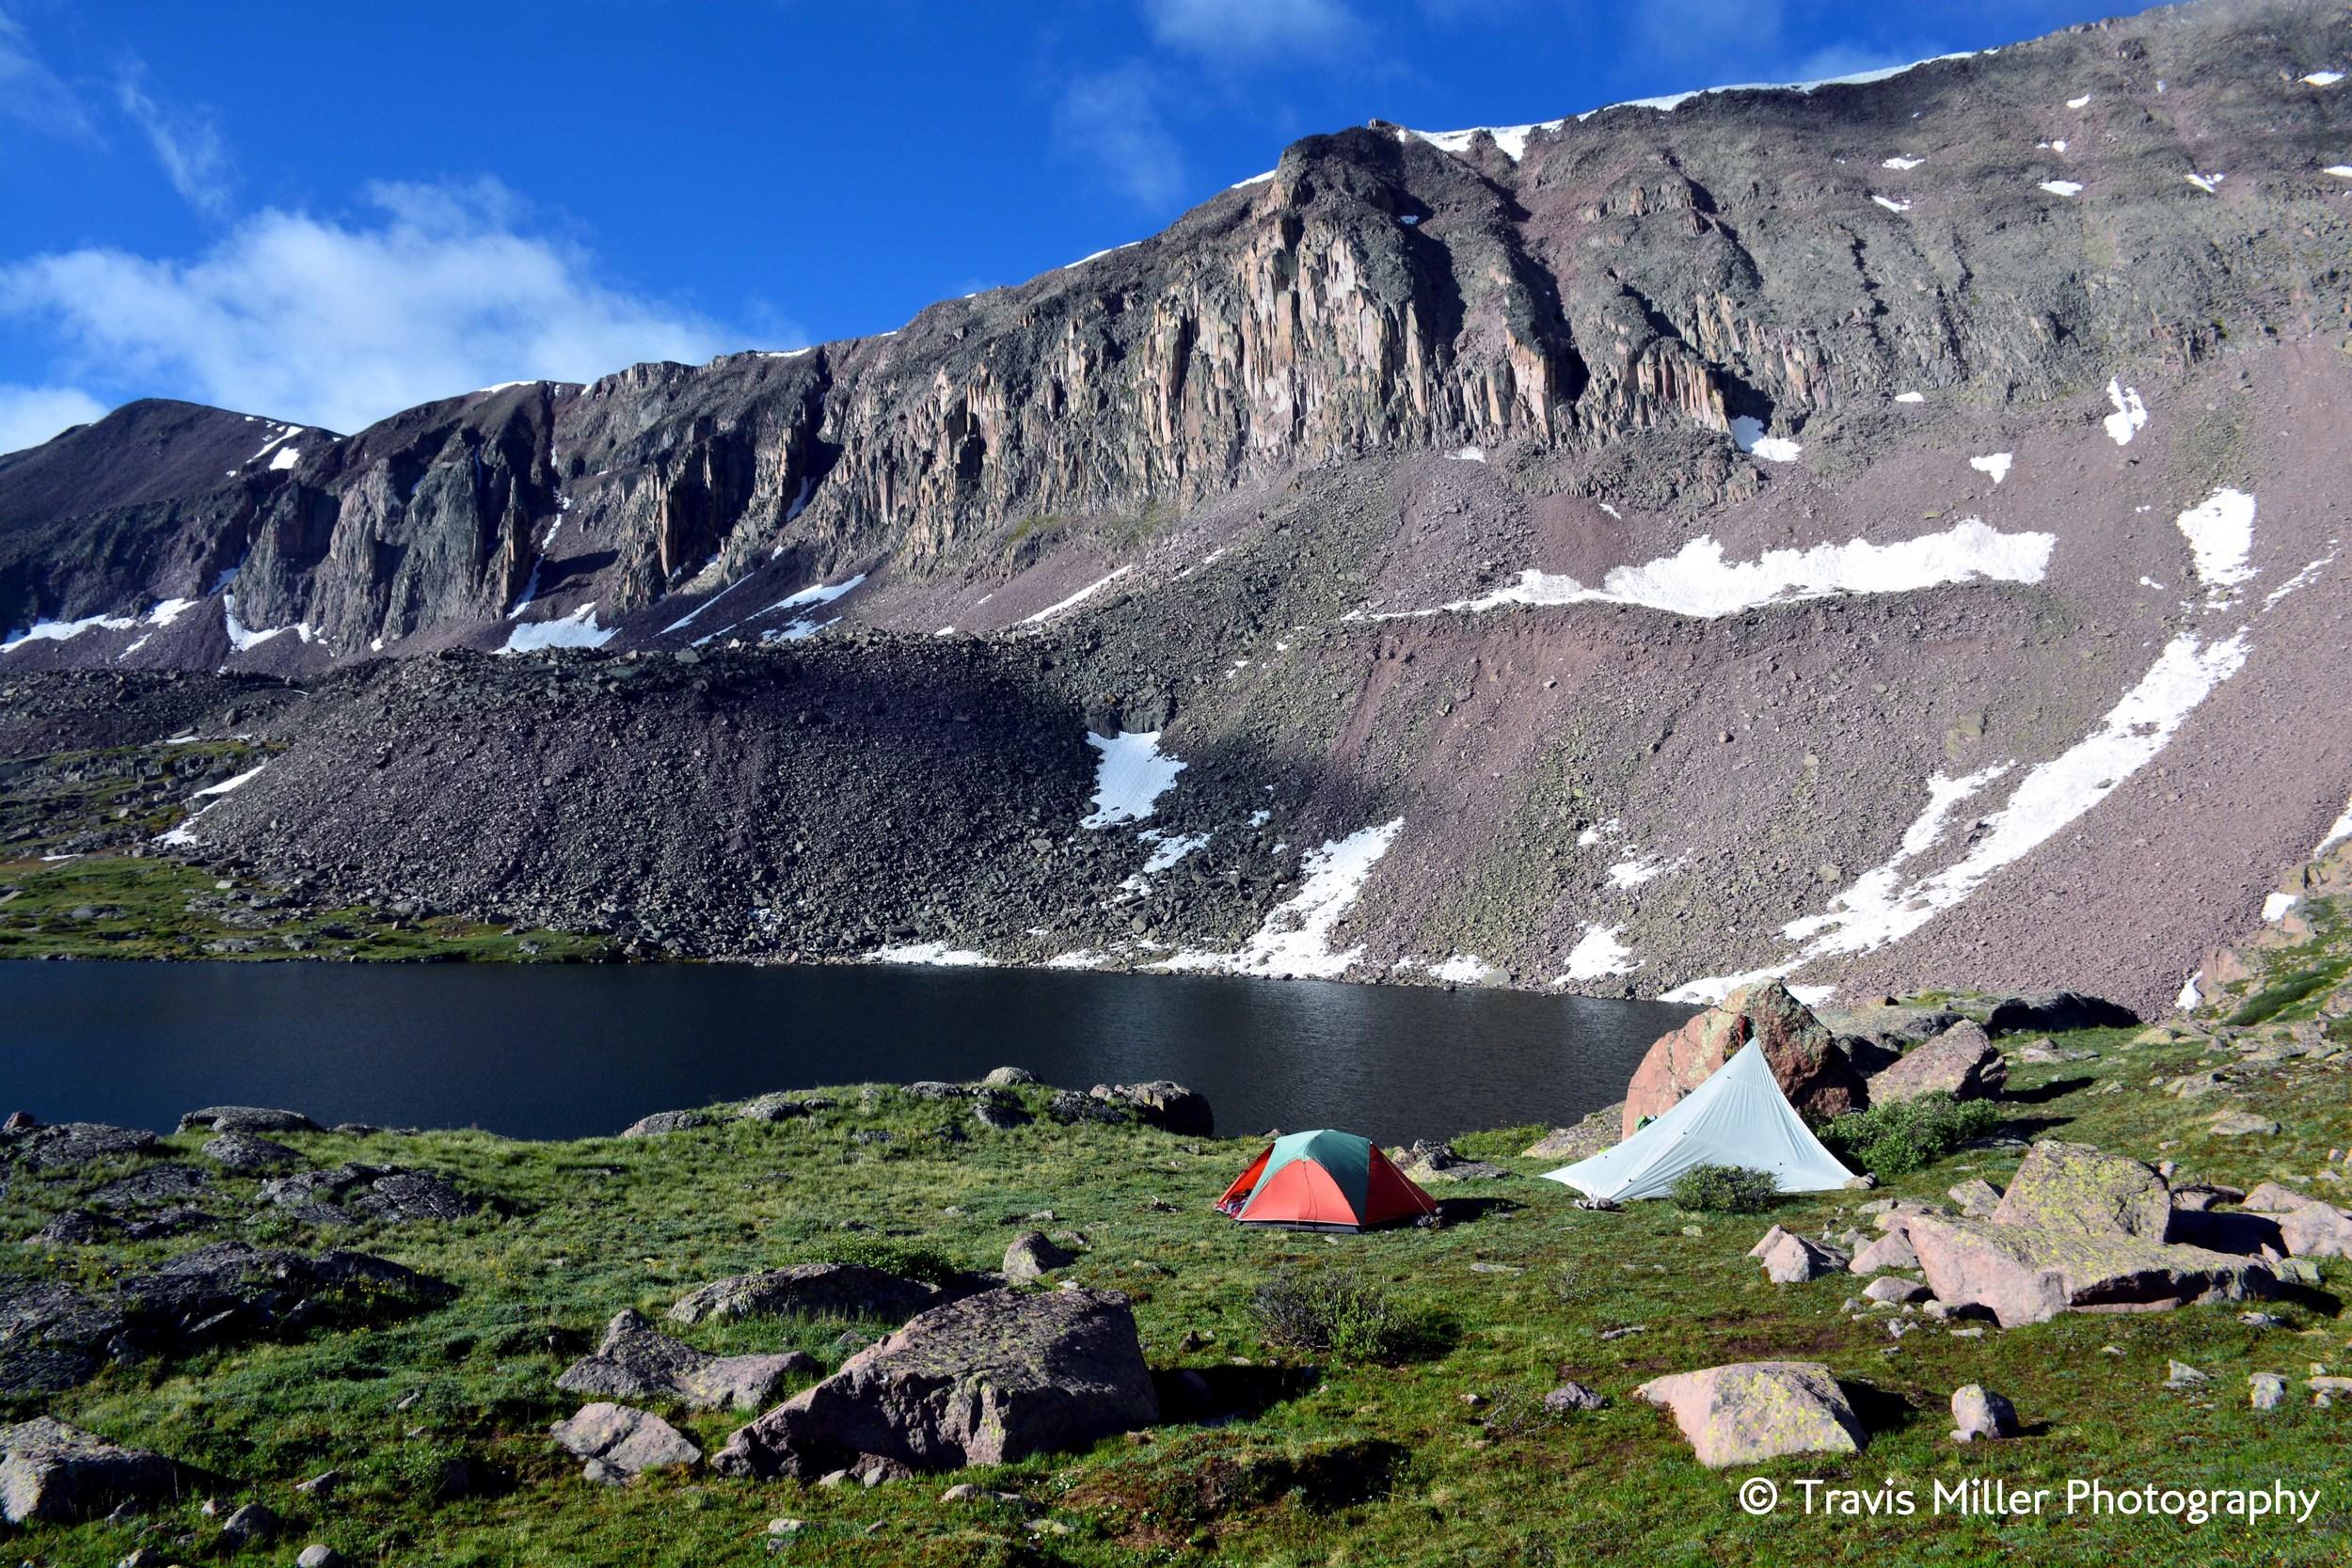 Camp /     La Garita Wilderness Area, CO